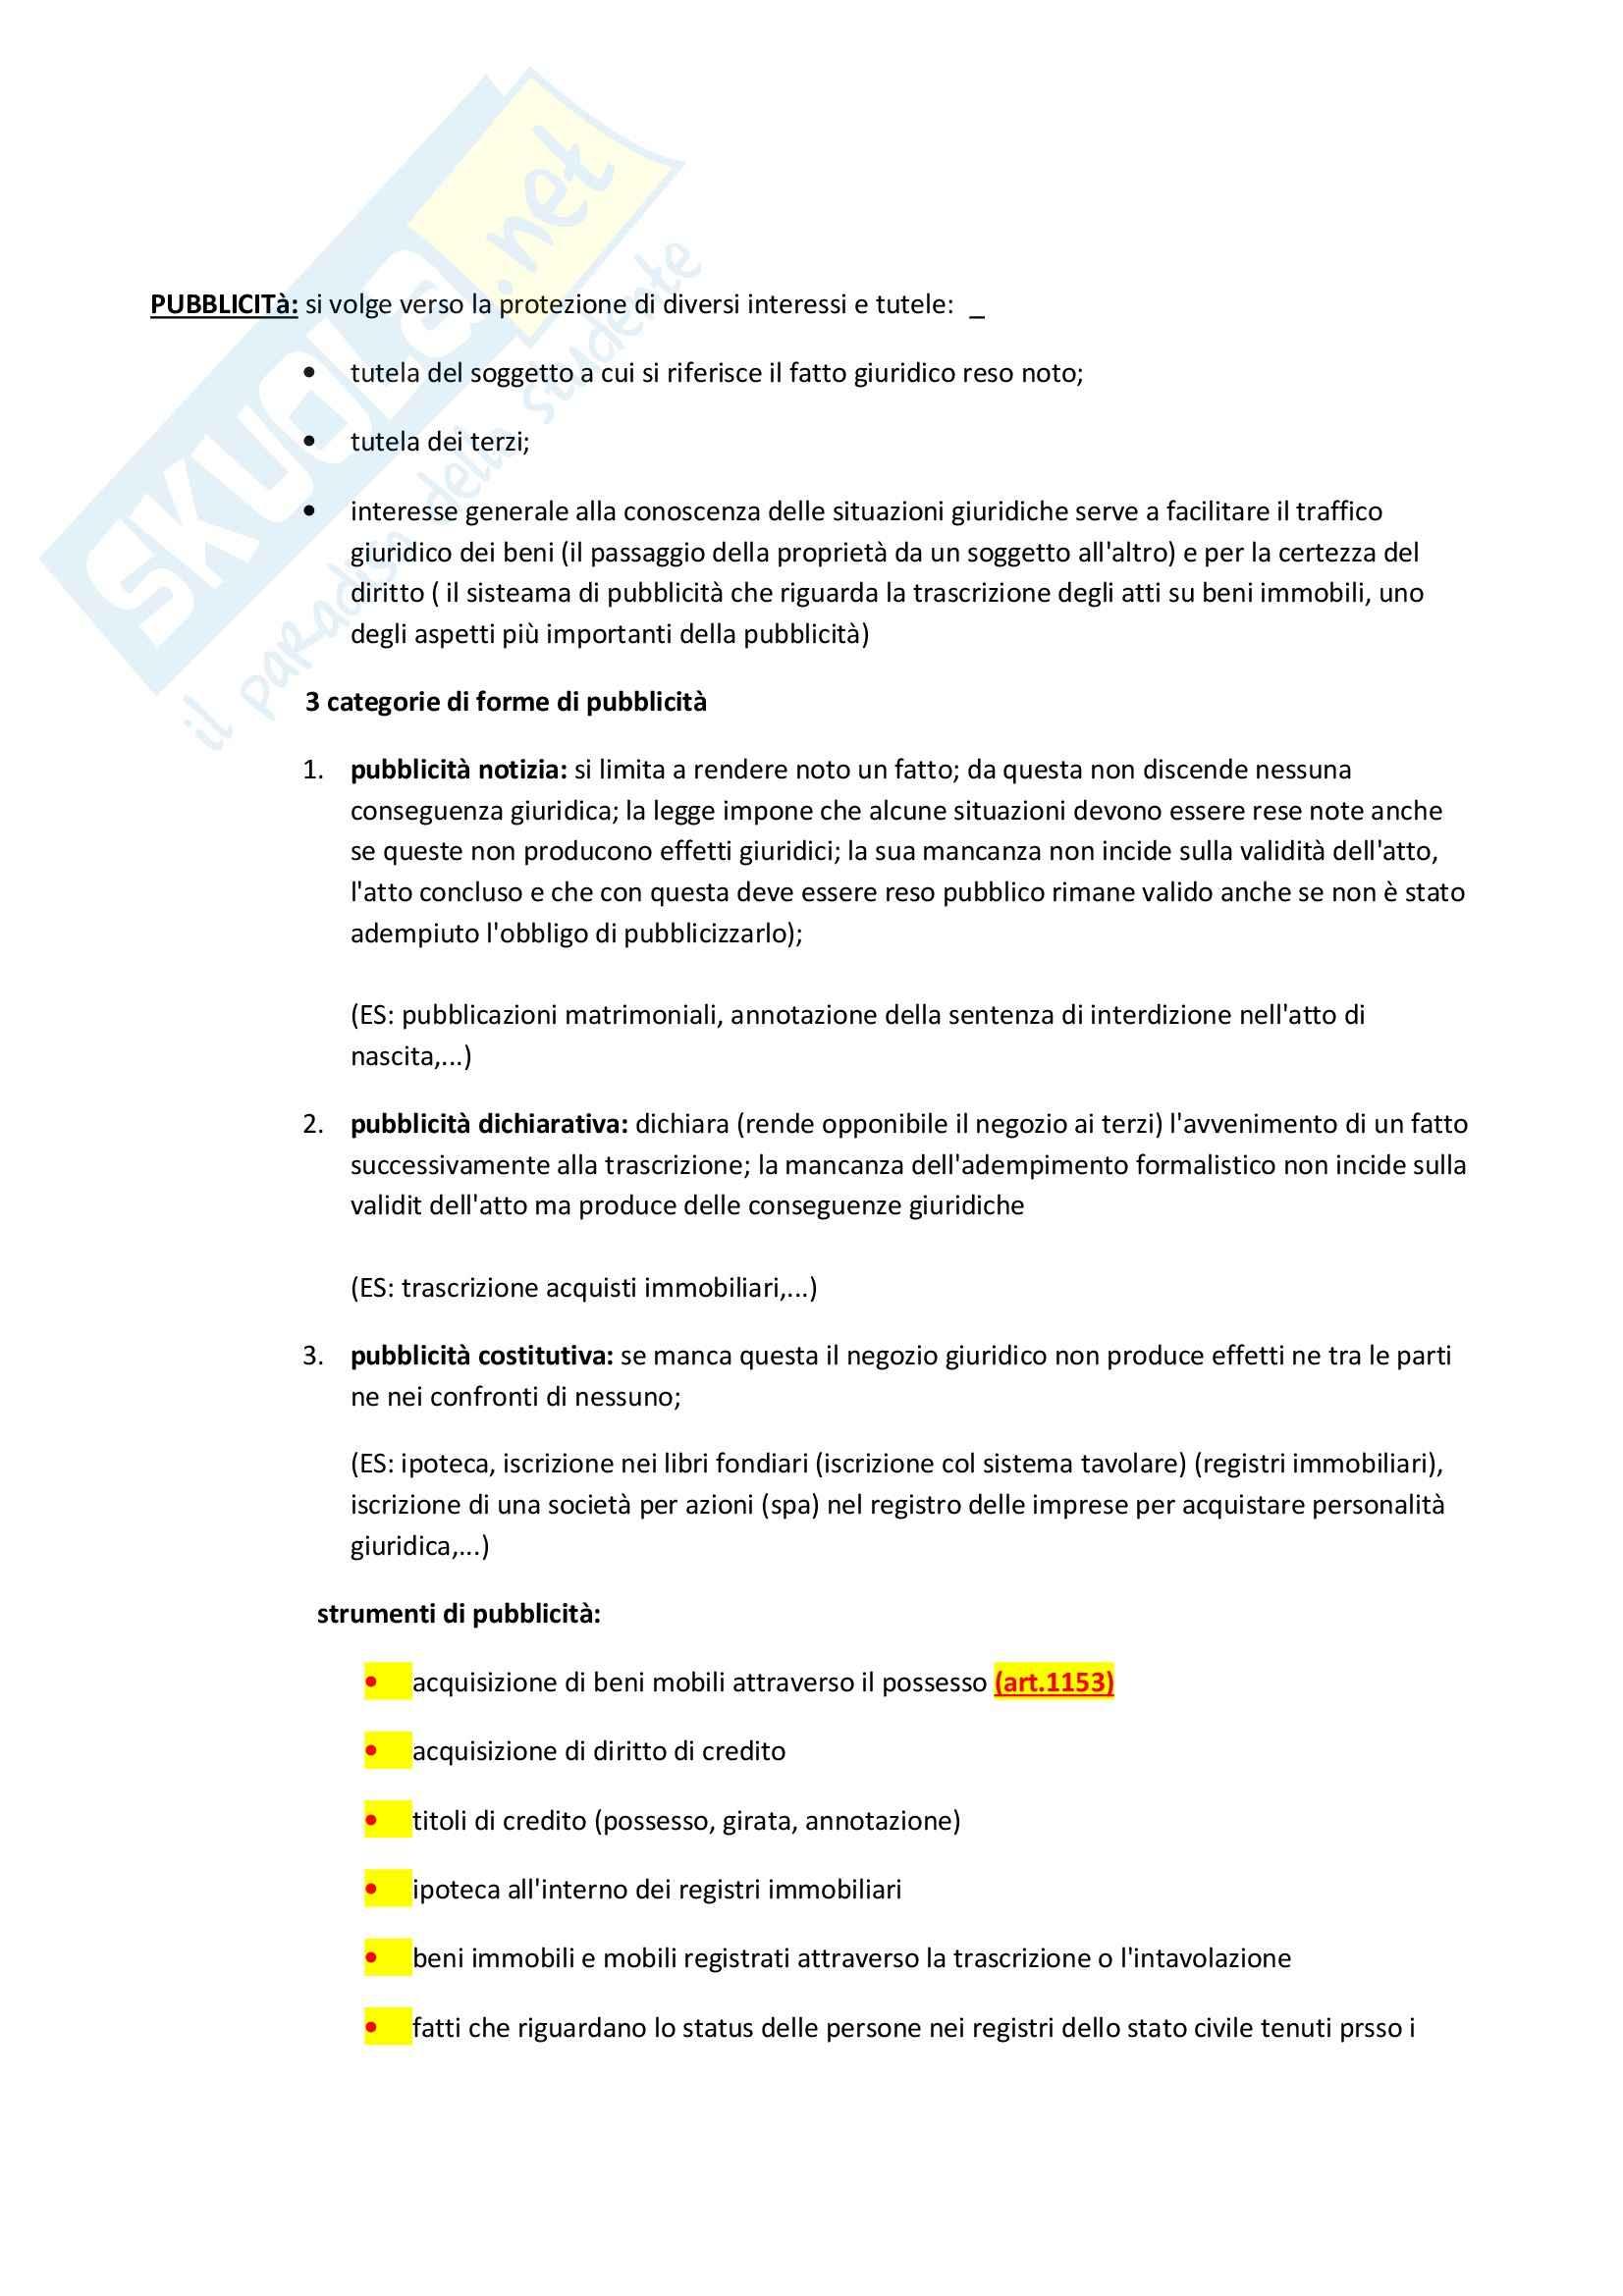 Pubblicità e trascrizione,  Diritto privato